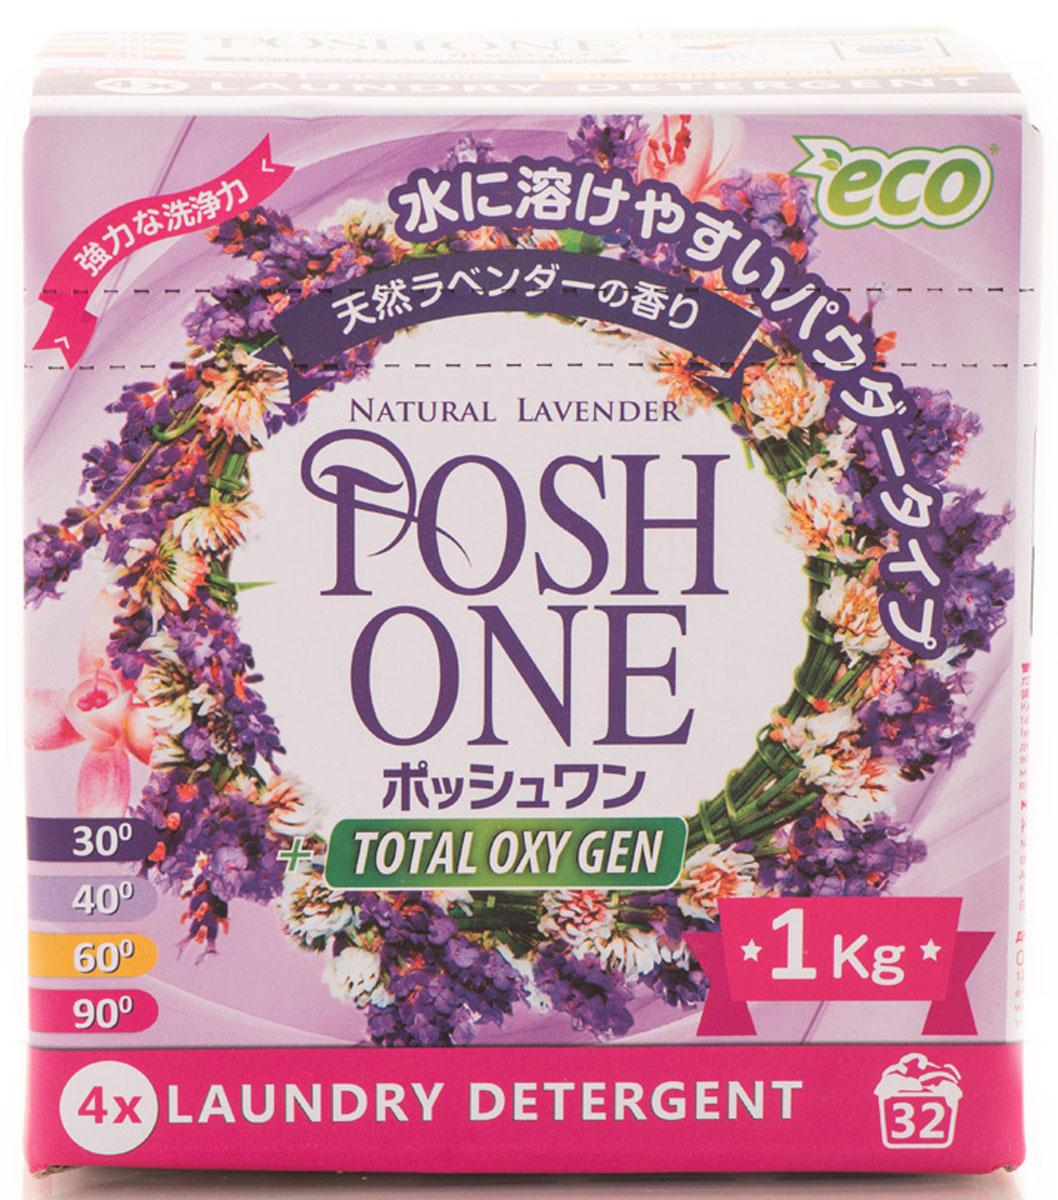 Порошок стиральный Posh One Eco, концентрат, для цветного белья, 1 кг920042_деликатКонцентрированный стиральный порошок Posh One Eco подходит для стирки детского белья и всех видов тканей в стиральных машинах любого типа. Подходит для ручной стирки. Имеет аромат лаванды. Особенности порошка: - Не имеет в своем составе фосфаты, экологических отбеливателей, формальдегидов и хлора. - Не раздражает кожу. - Биоразлагаем более чем на 99%. - Не оставляет следов на белье. - Не токсичен. - Содержит биоферменты и активный кислород- активатор TAED. - Защищает нагревательный элемент стиральной машины от накипи. - Эффективен в холодной воде. - Легко справляется со сложными пятнами. Состав: 15% или более, но менее 30% бикарбонат натрия, 5% или более, но менее 15% секвикарбонат натрия (трона), надуглекислый натрий, лаурилполиоксиэтиленсульфат-7, карбонат натрия, менее 5% активные формы кислорода, лимонная кислота, натриевая соль, ароматизатор, энзимы, карбоксиметилцеллюлоза, тетра-ацетилэтилендиамин,...